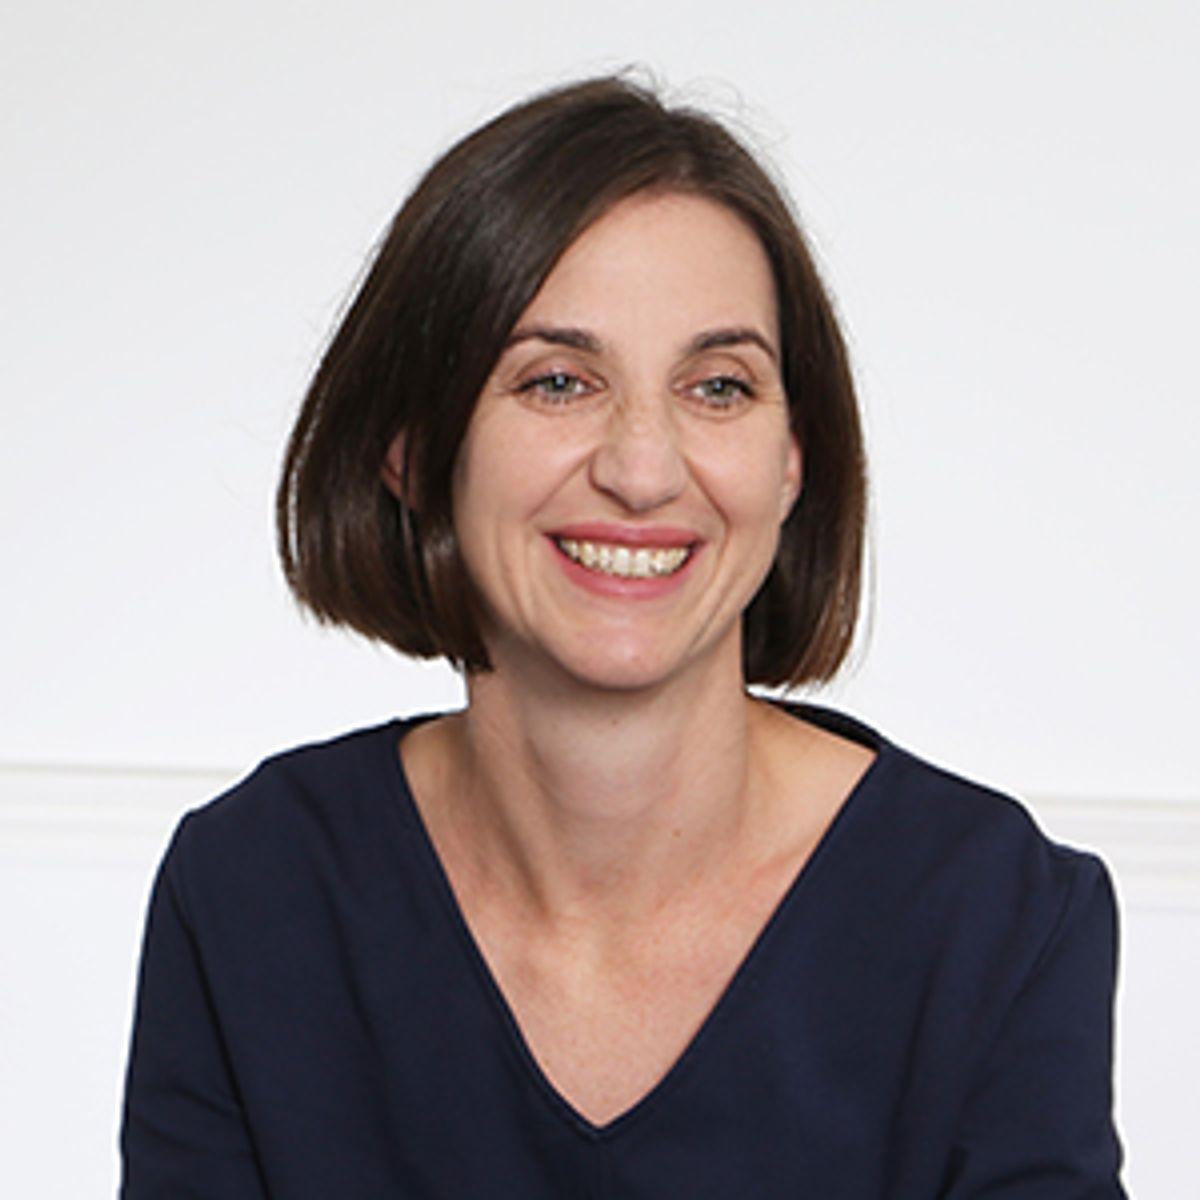 Laura Williamson